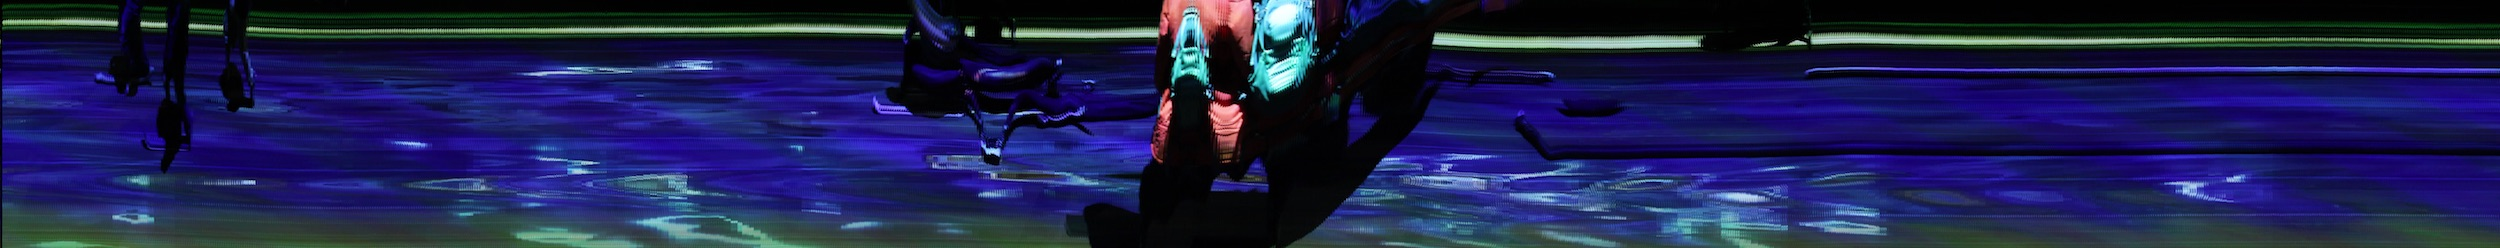 wellspring fords slit scan image